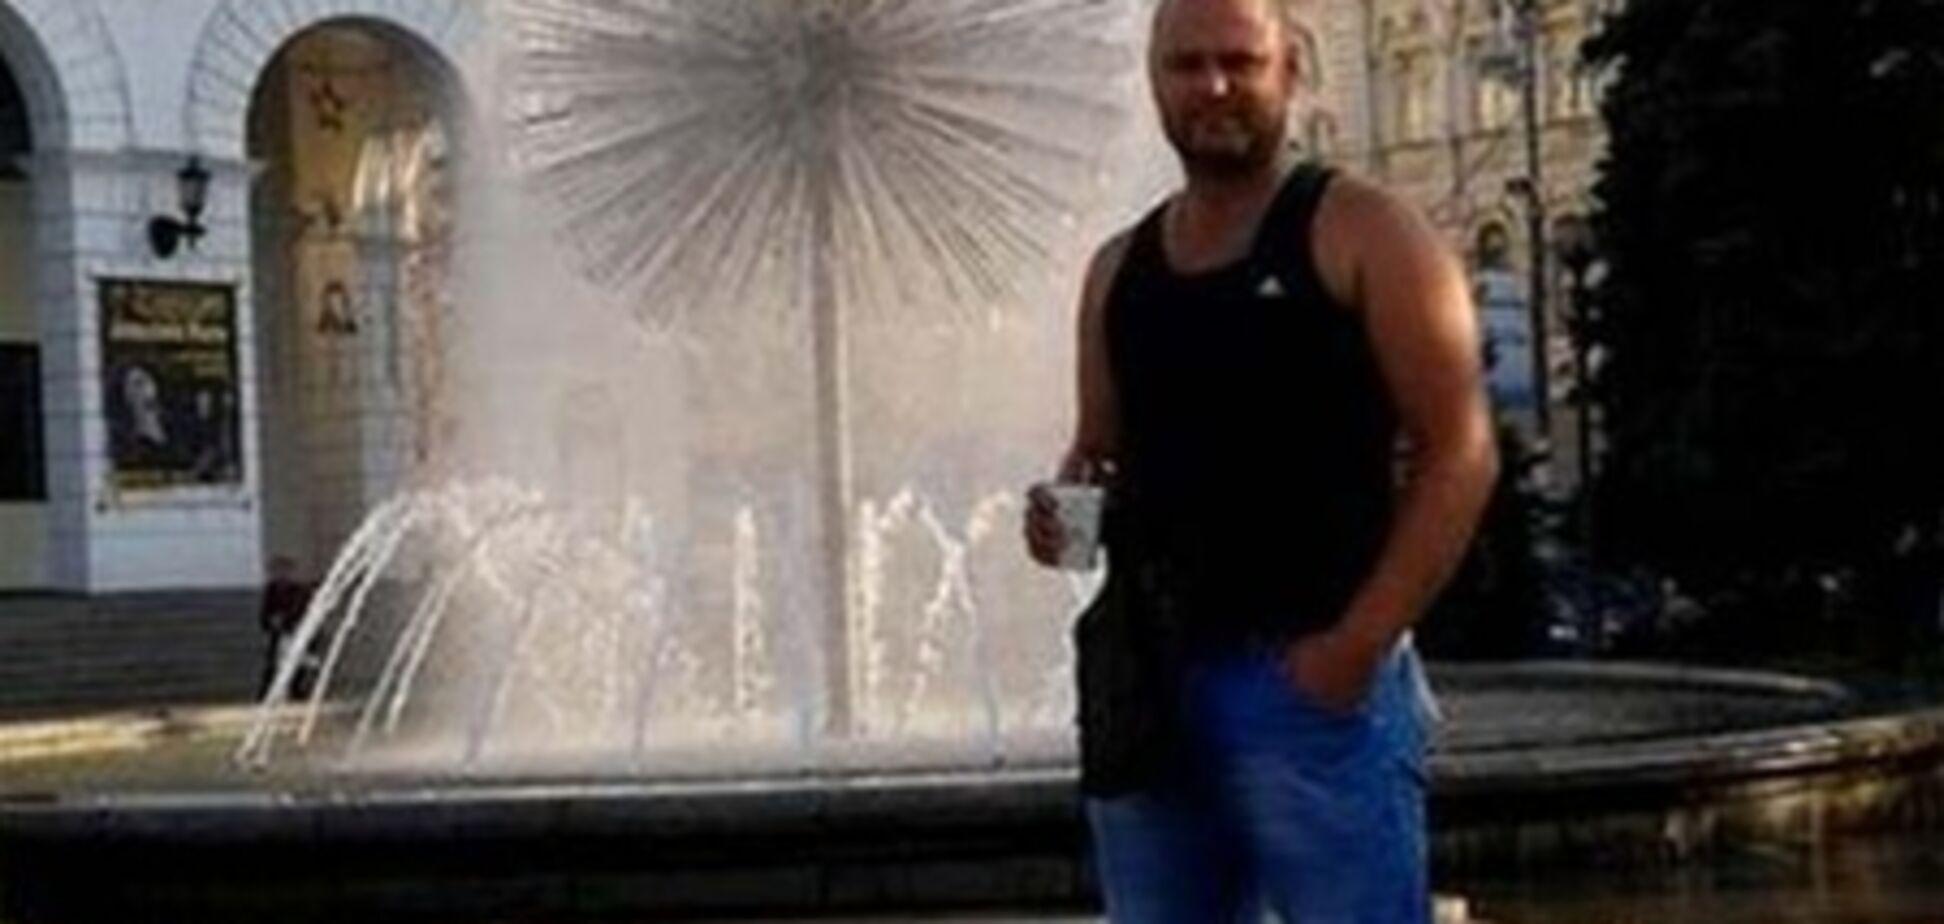 Детектор лжи показал, что Дрижак не насиловал Крашкову - СМИ